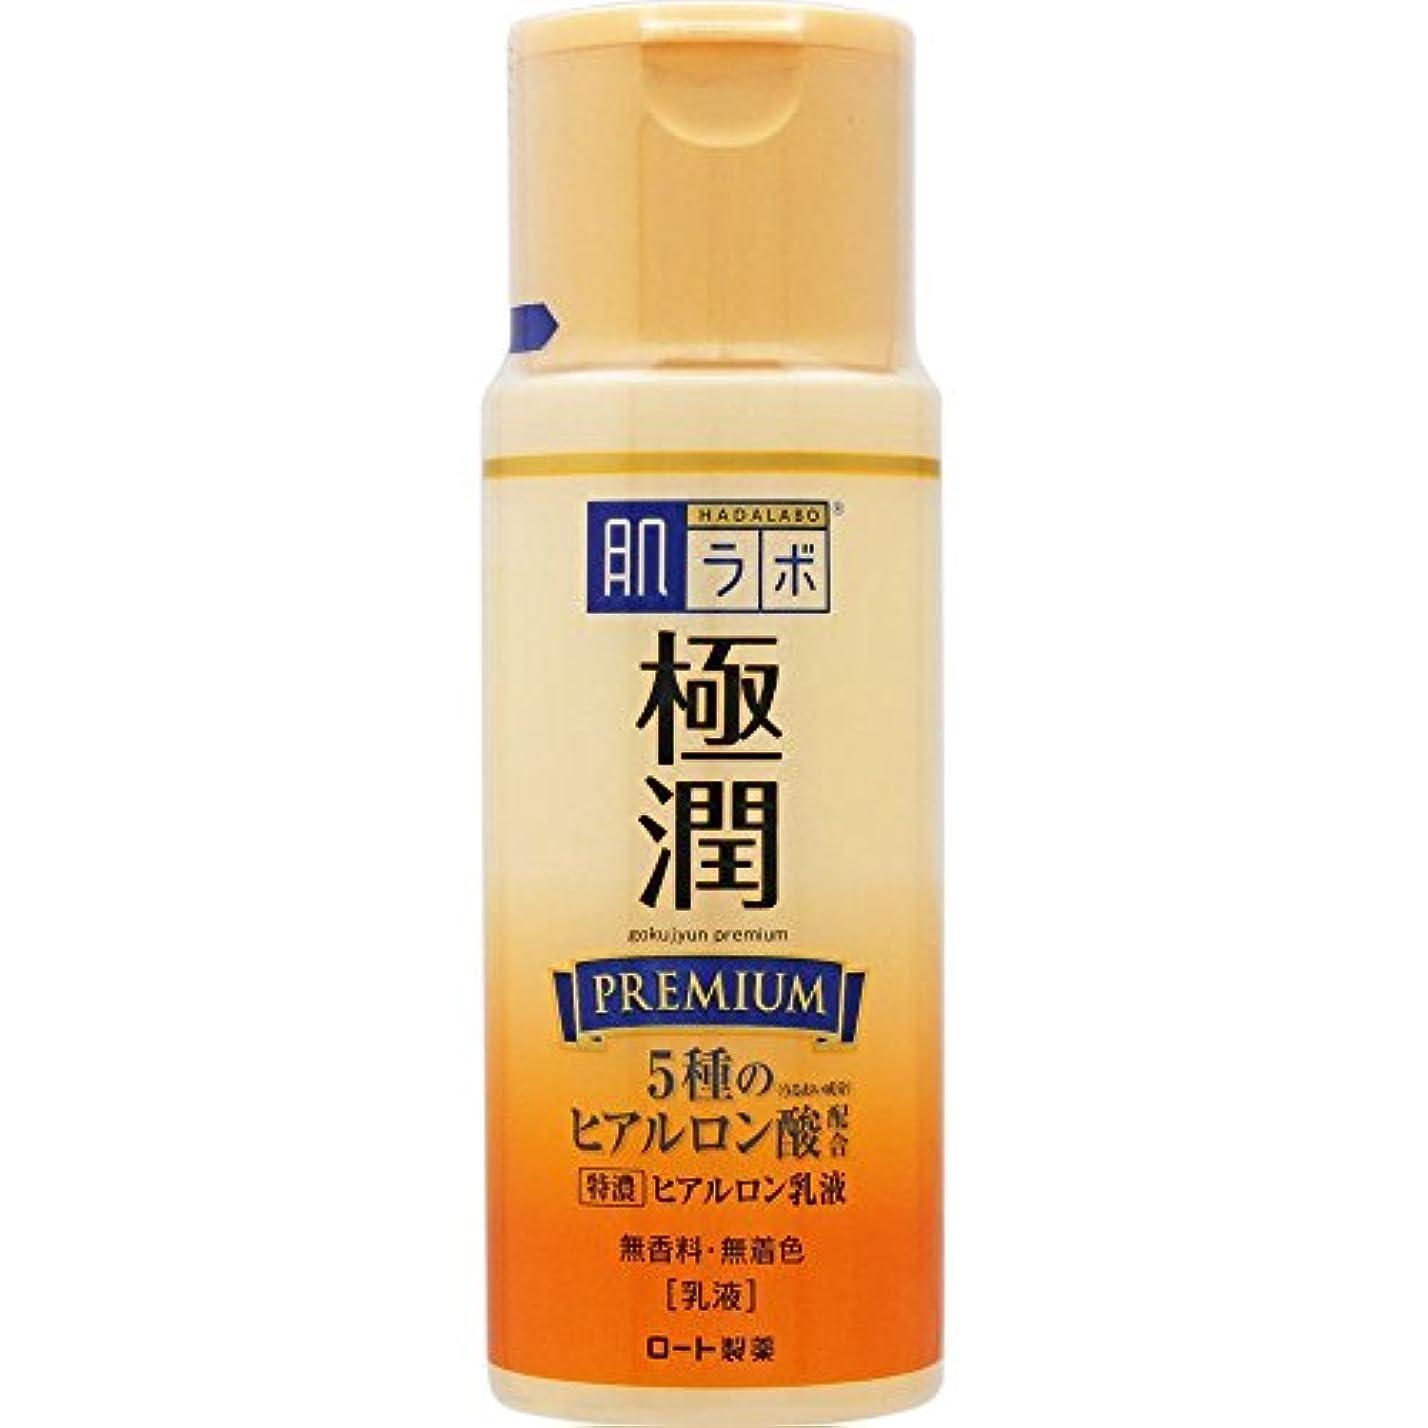 塗抹マリナーボード肌ラボ 極潤プレミアム 特濃ヒアルロン乳液 ヒアルロン酸5種類×サクラン配合 140ml